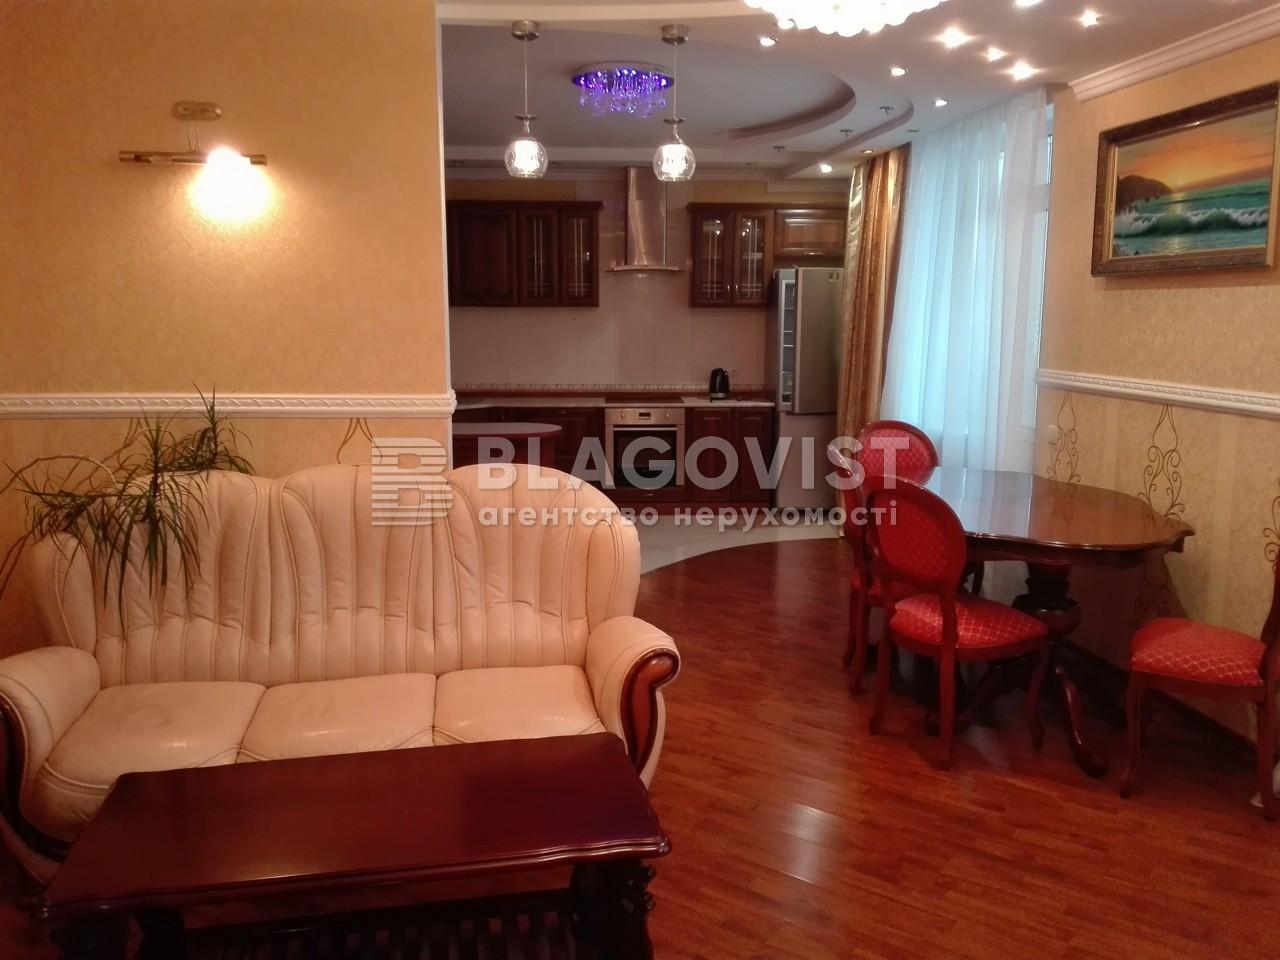 Квартира F-16359, Днепровская наб., 19в, Киев - Фото 10